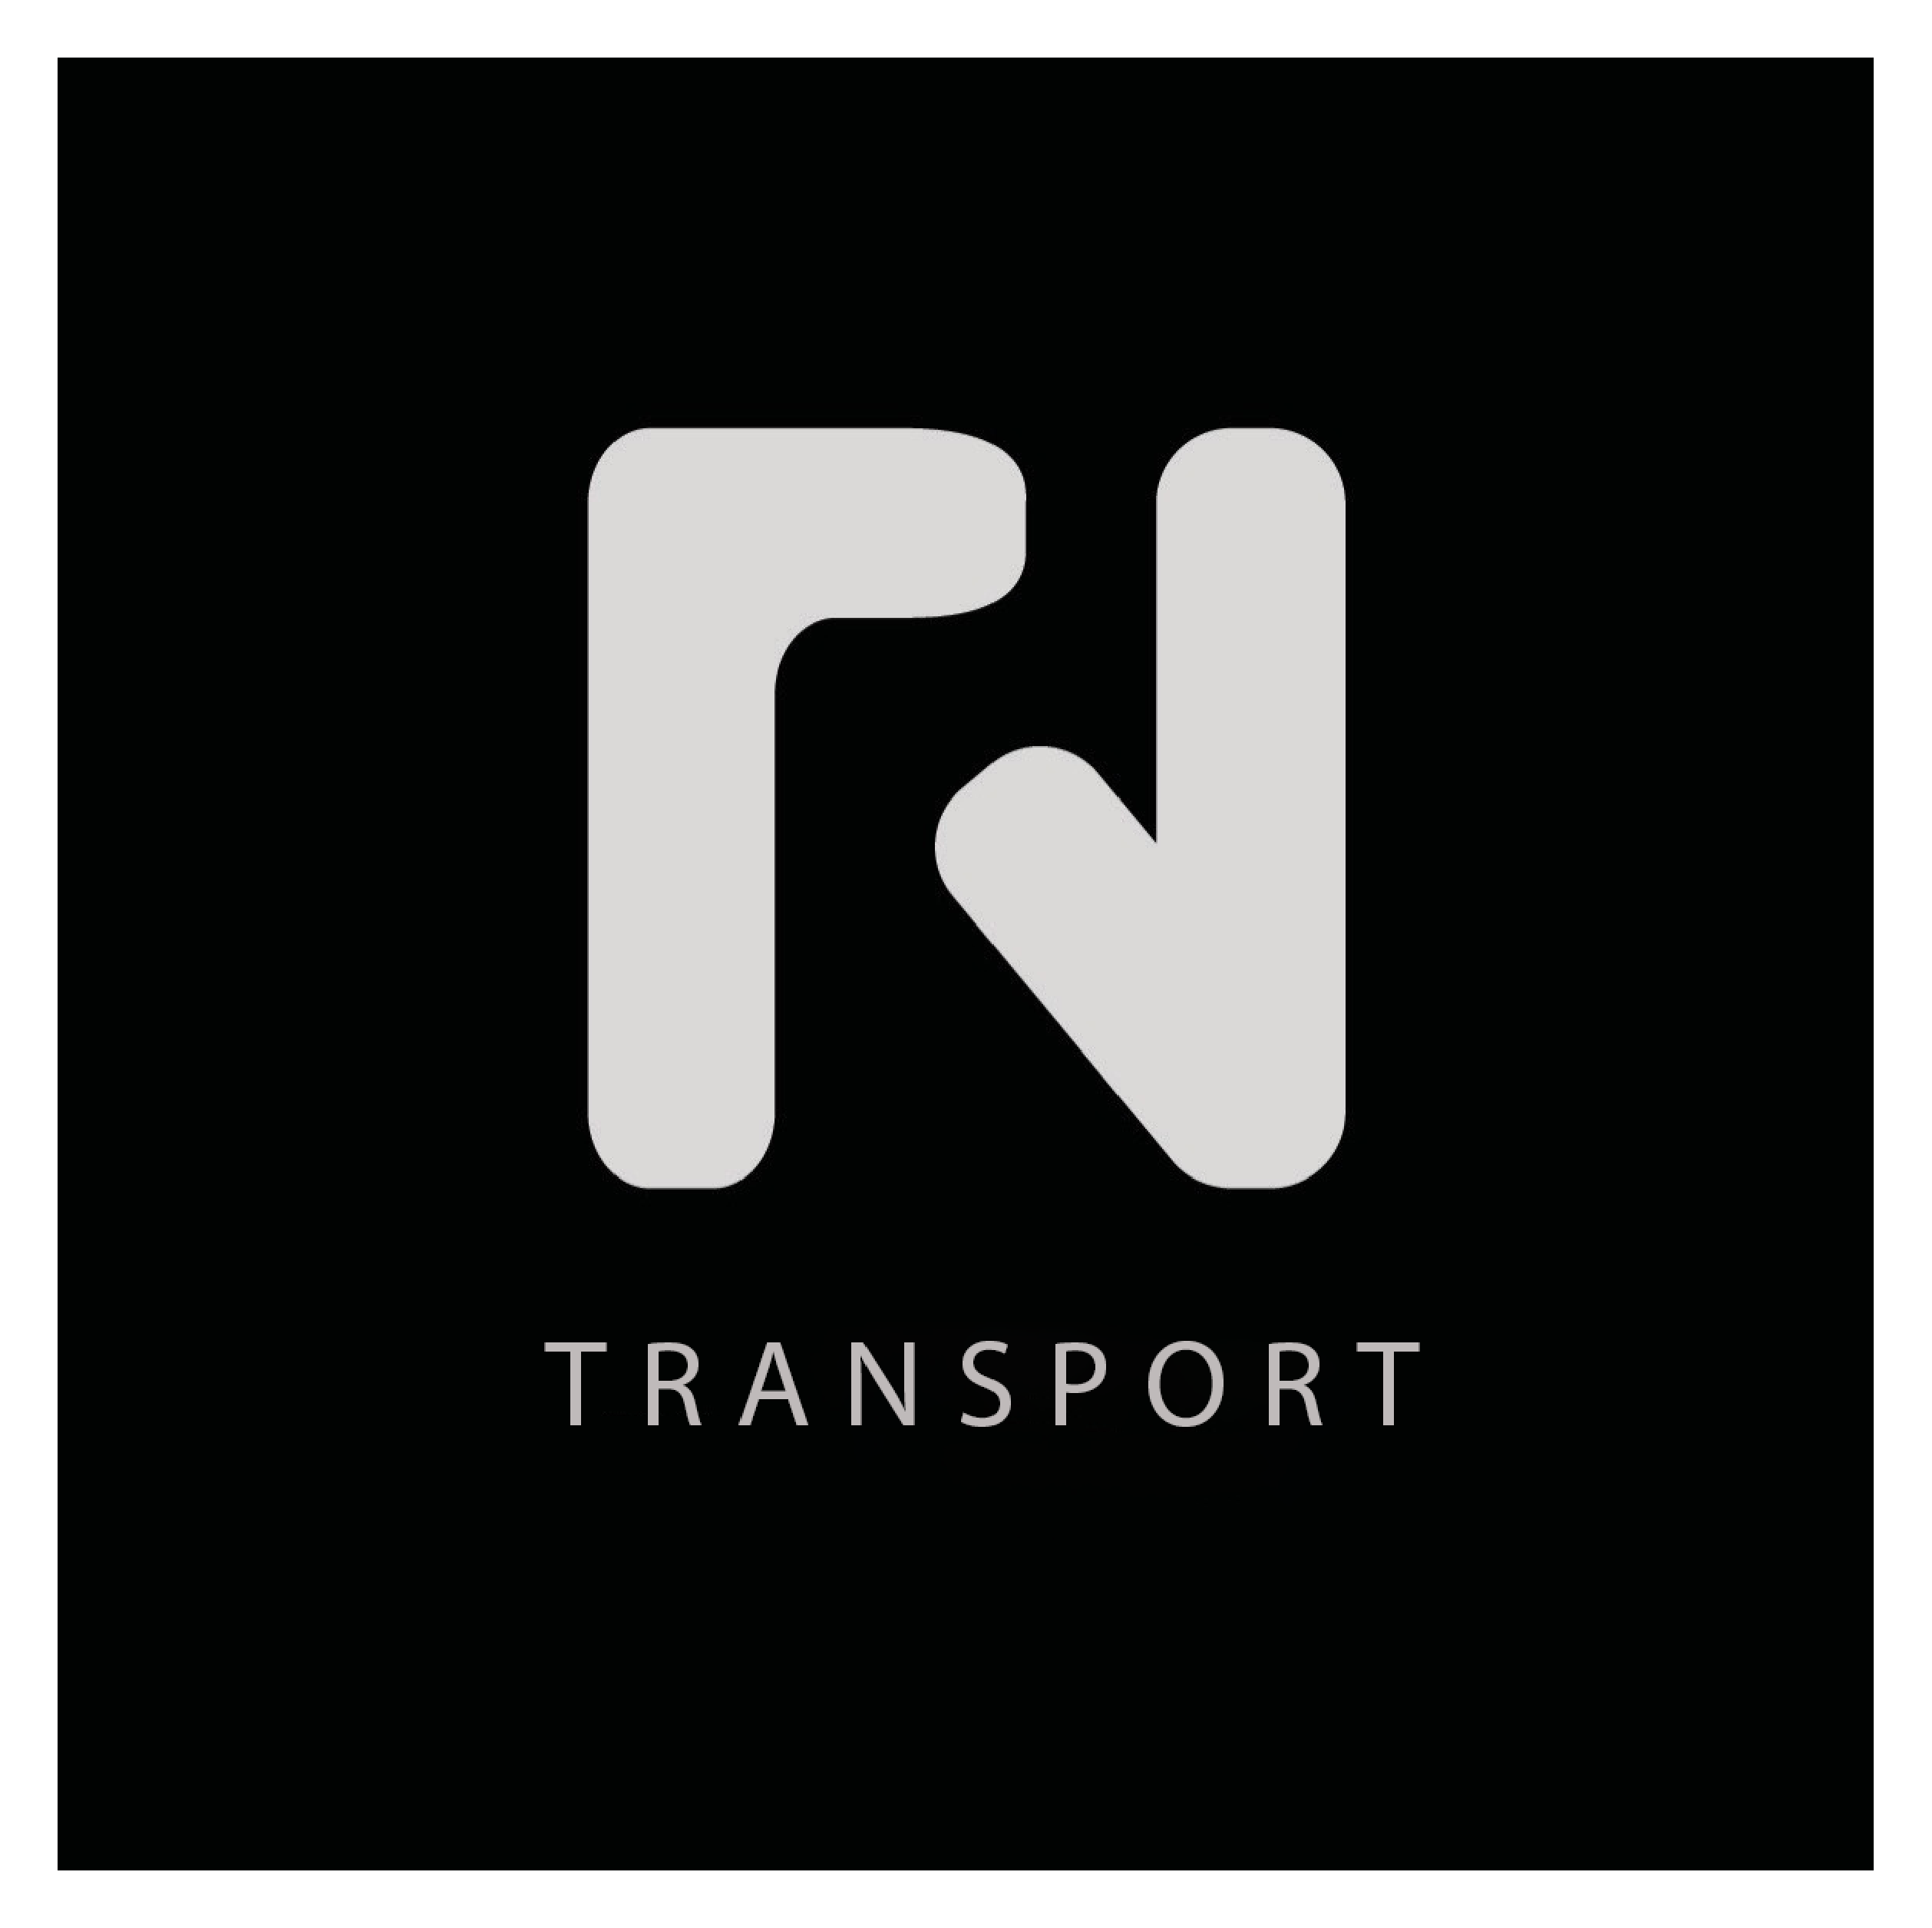 CÔNG TY TNHH VẬN TẢI TN TRANSPORT